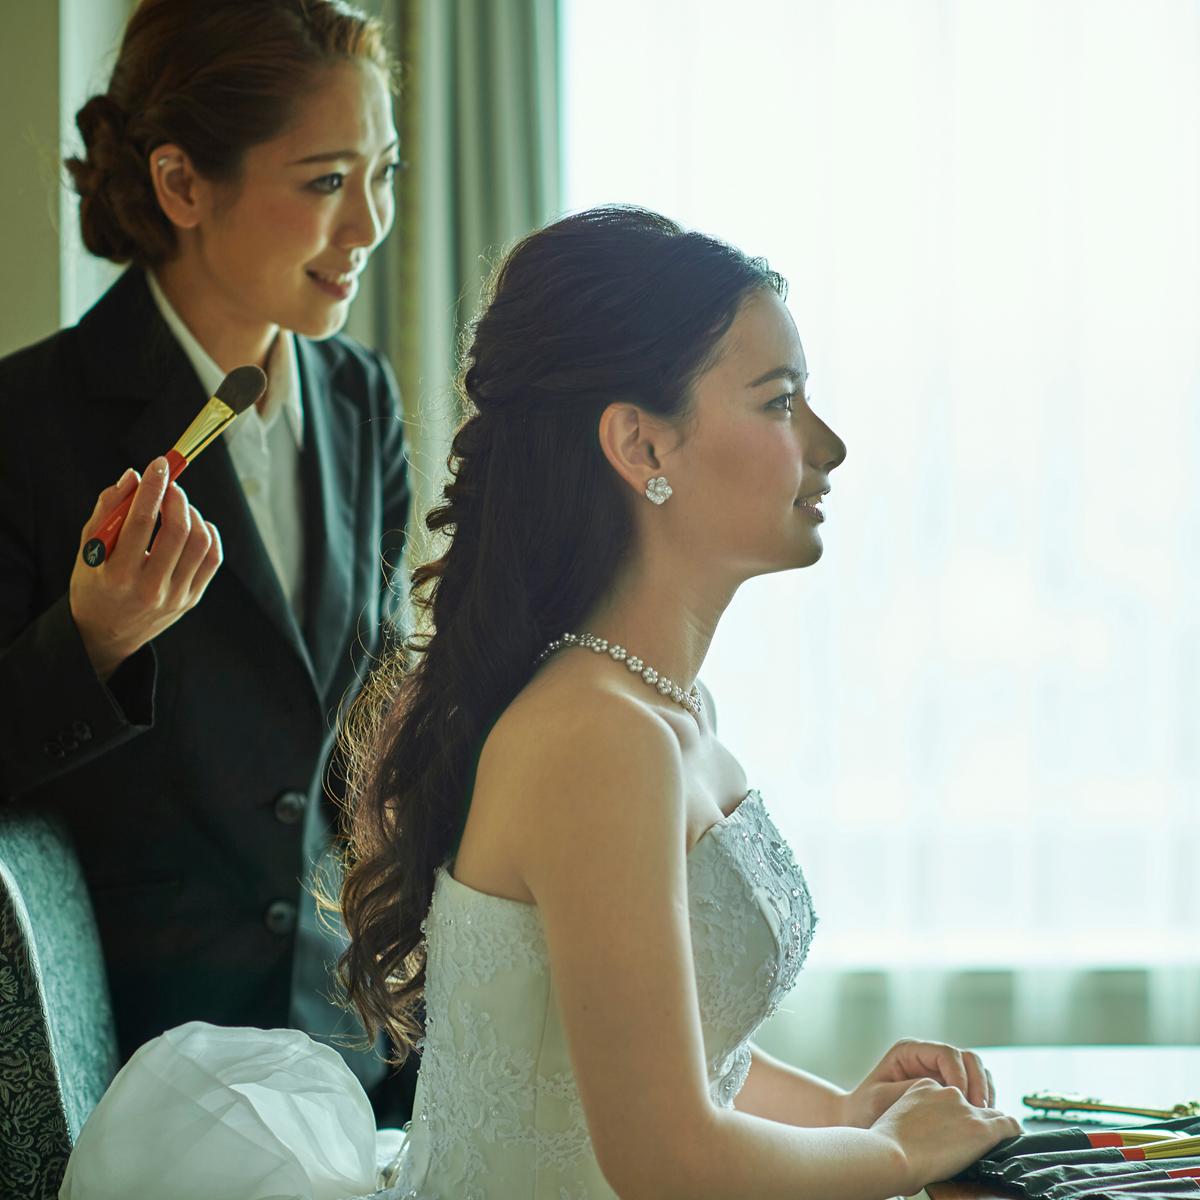 結婚式に向けて♪当日までのスケジュールについて【その1】新着情報イメージ2